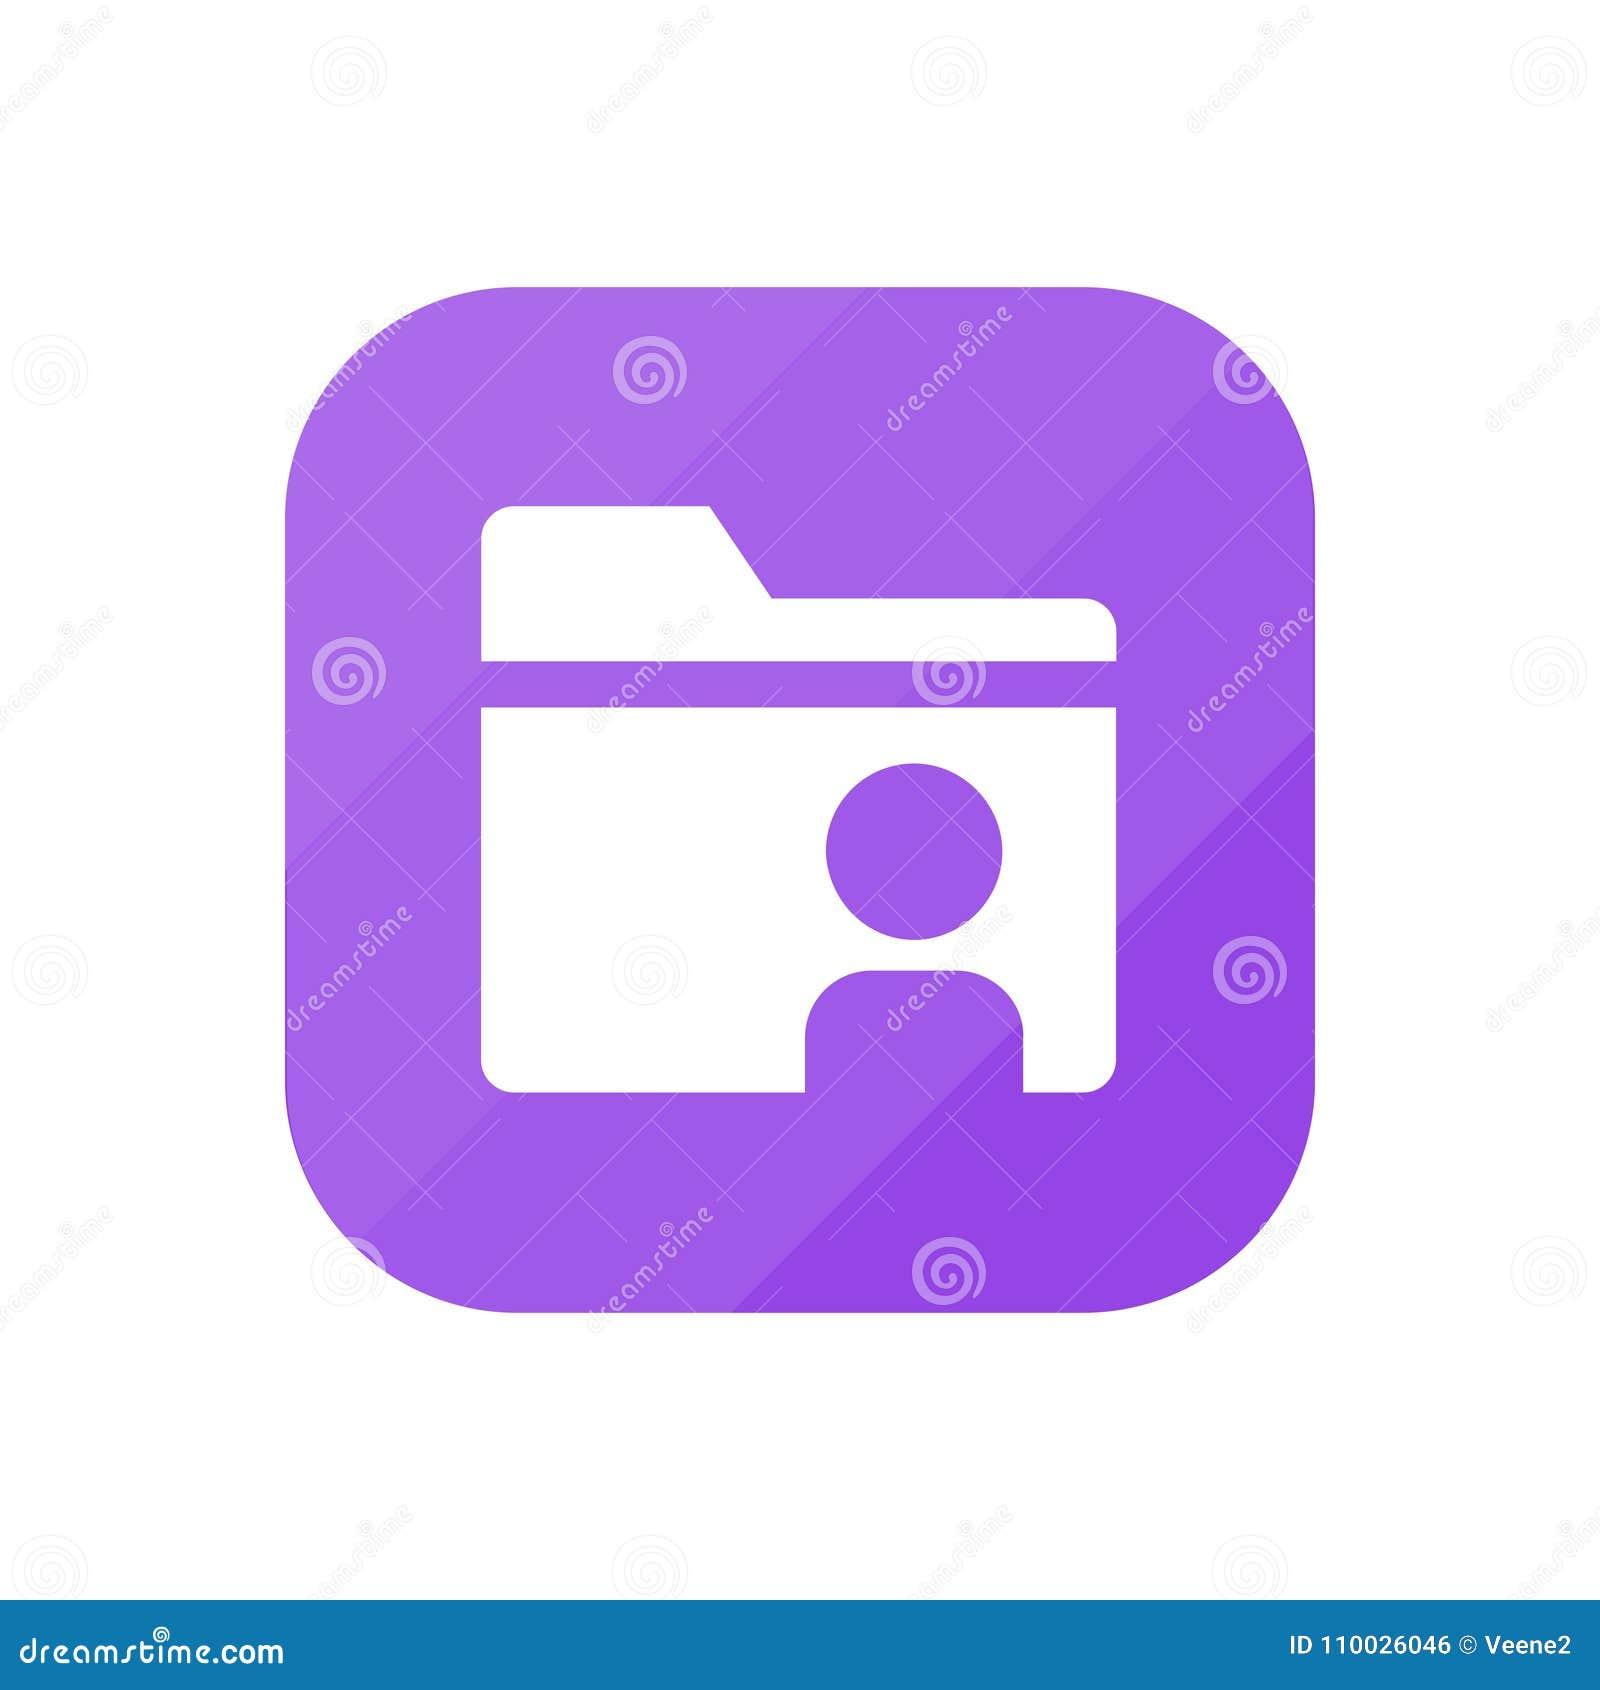 Gedeelde Omslag - App Pictogram